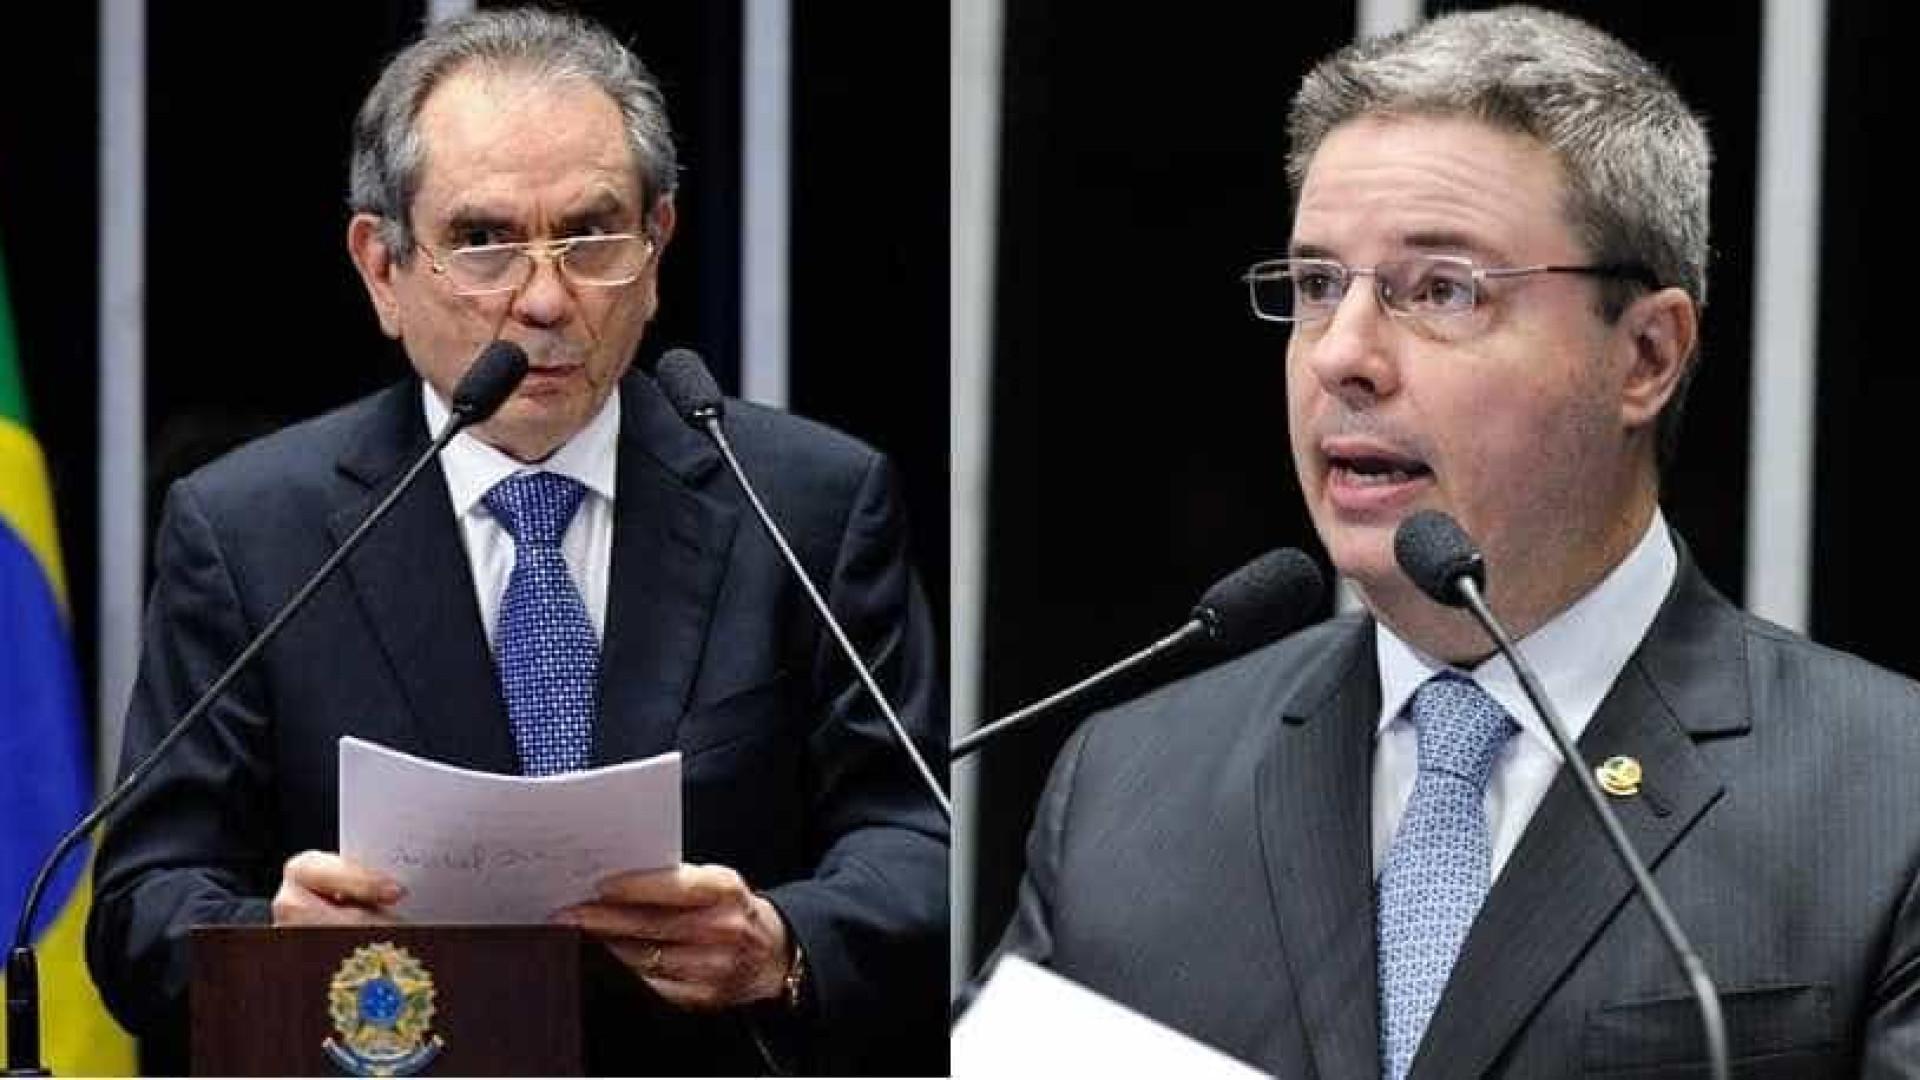 Senado: Raimundo Lira e Anastasia  vão comandar o impeachment